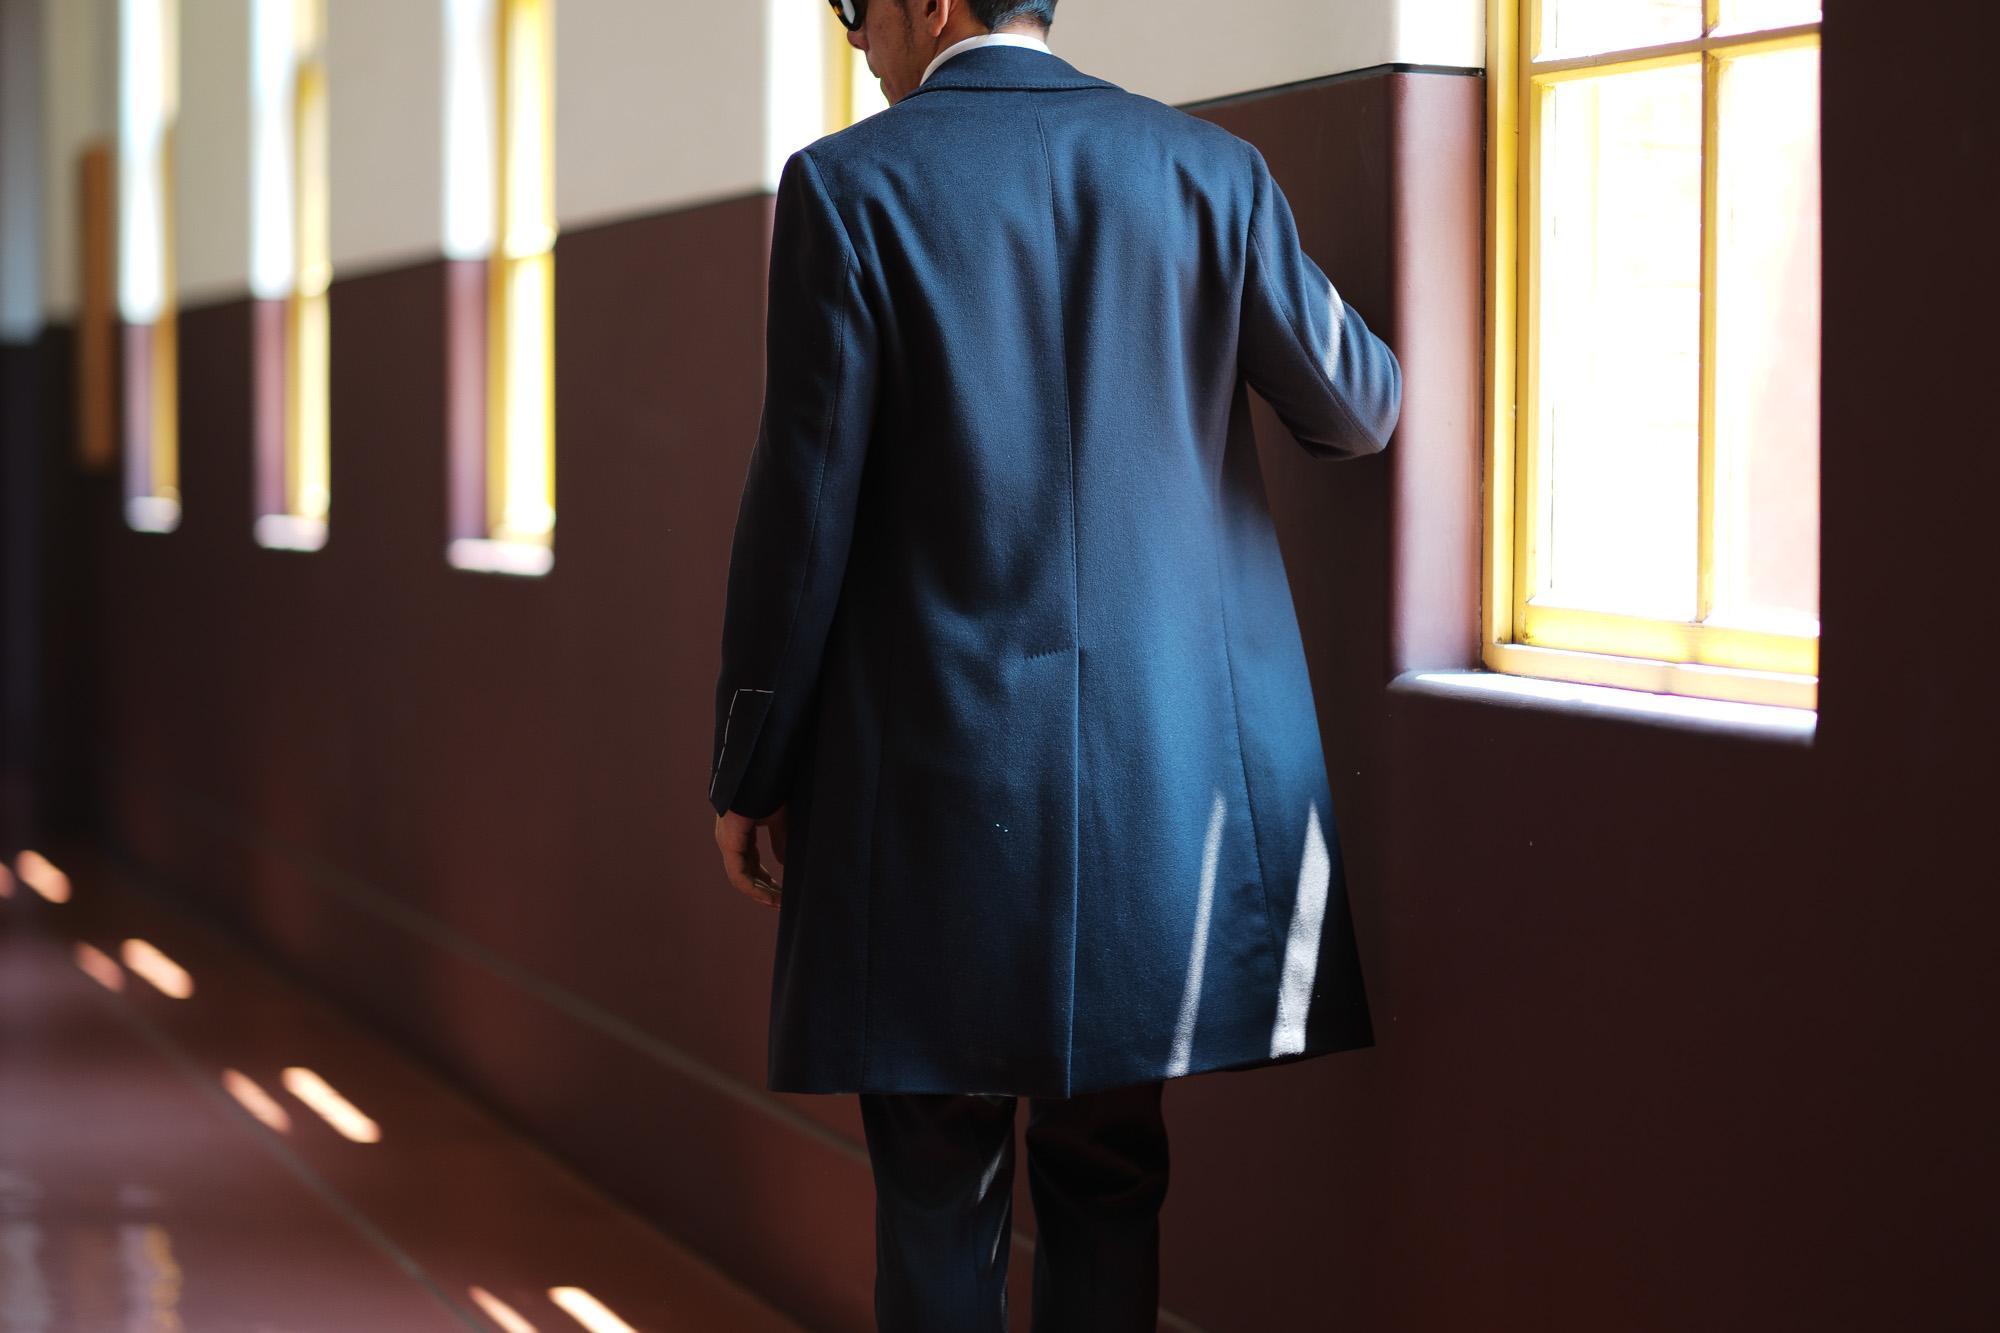 LARDINI (ラルディーニ) Spolverino Chester coat (スポルベリーノ チェスターコート) フラノウール生地 シングル チェスターコート NAVY (ネイビー・5) Made in italy (イタリア製) 2018 秋冬新作 lardini 愛知 名古屋 Alto e Diritto アルト エ デリット alto e diritto アルトエデリット コート